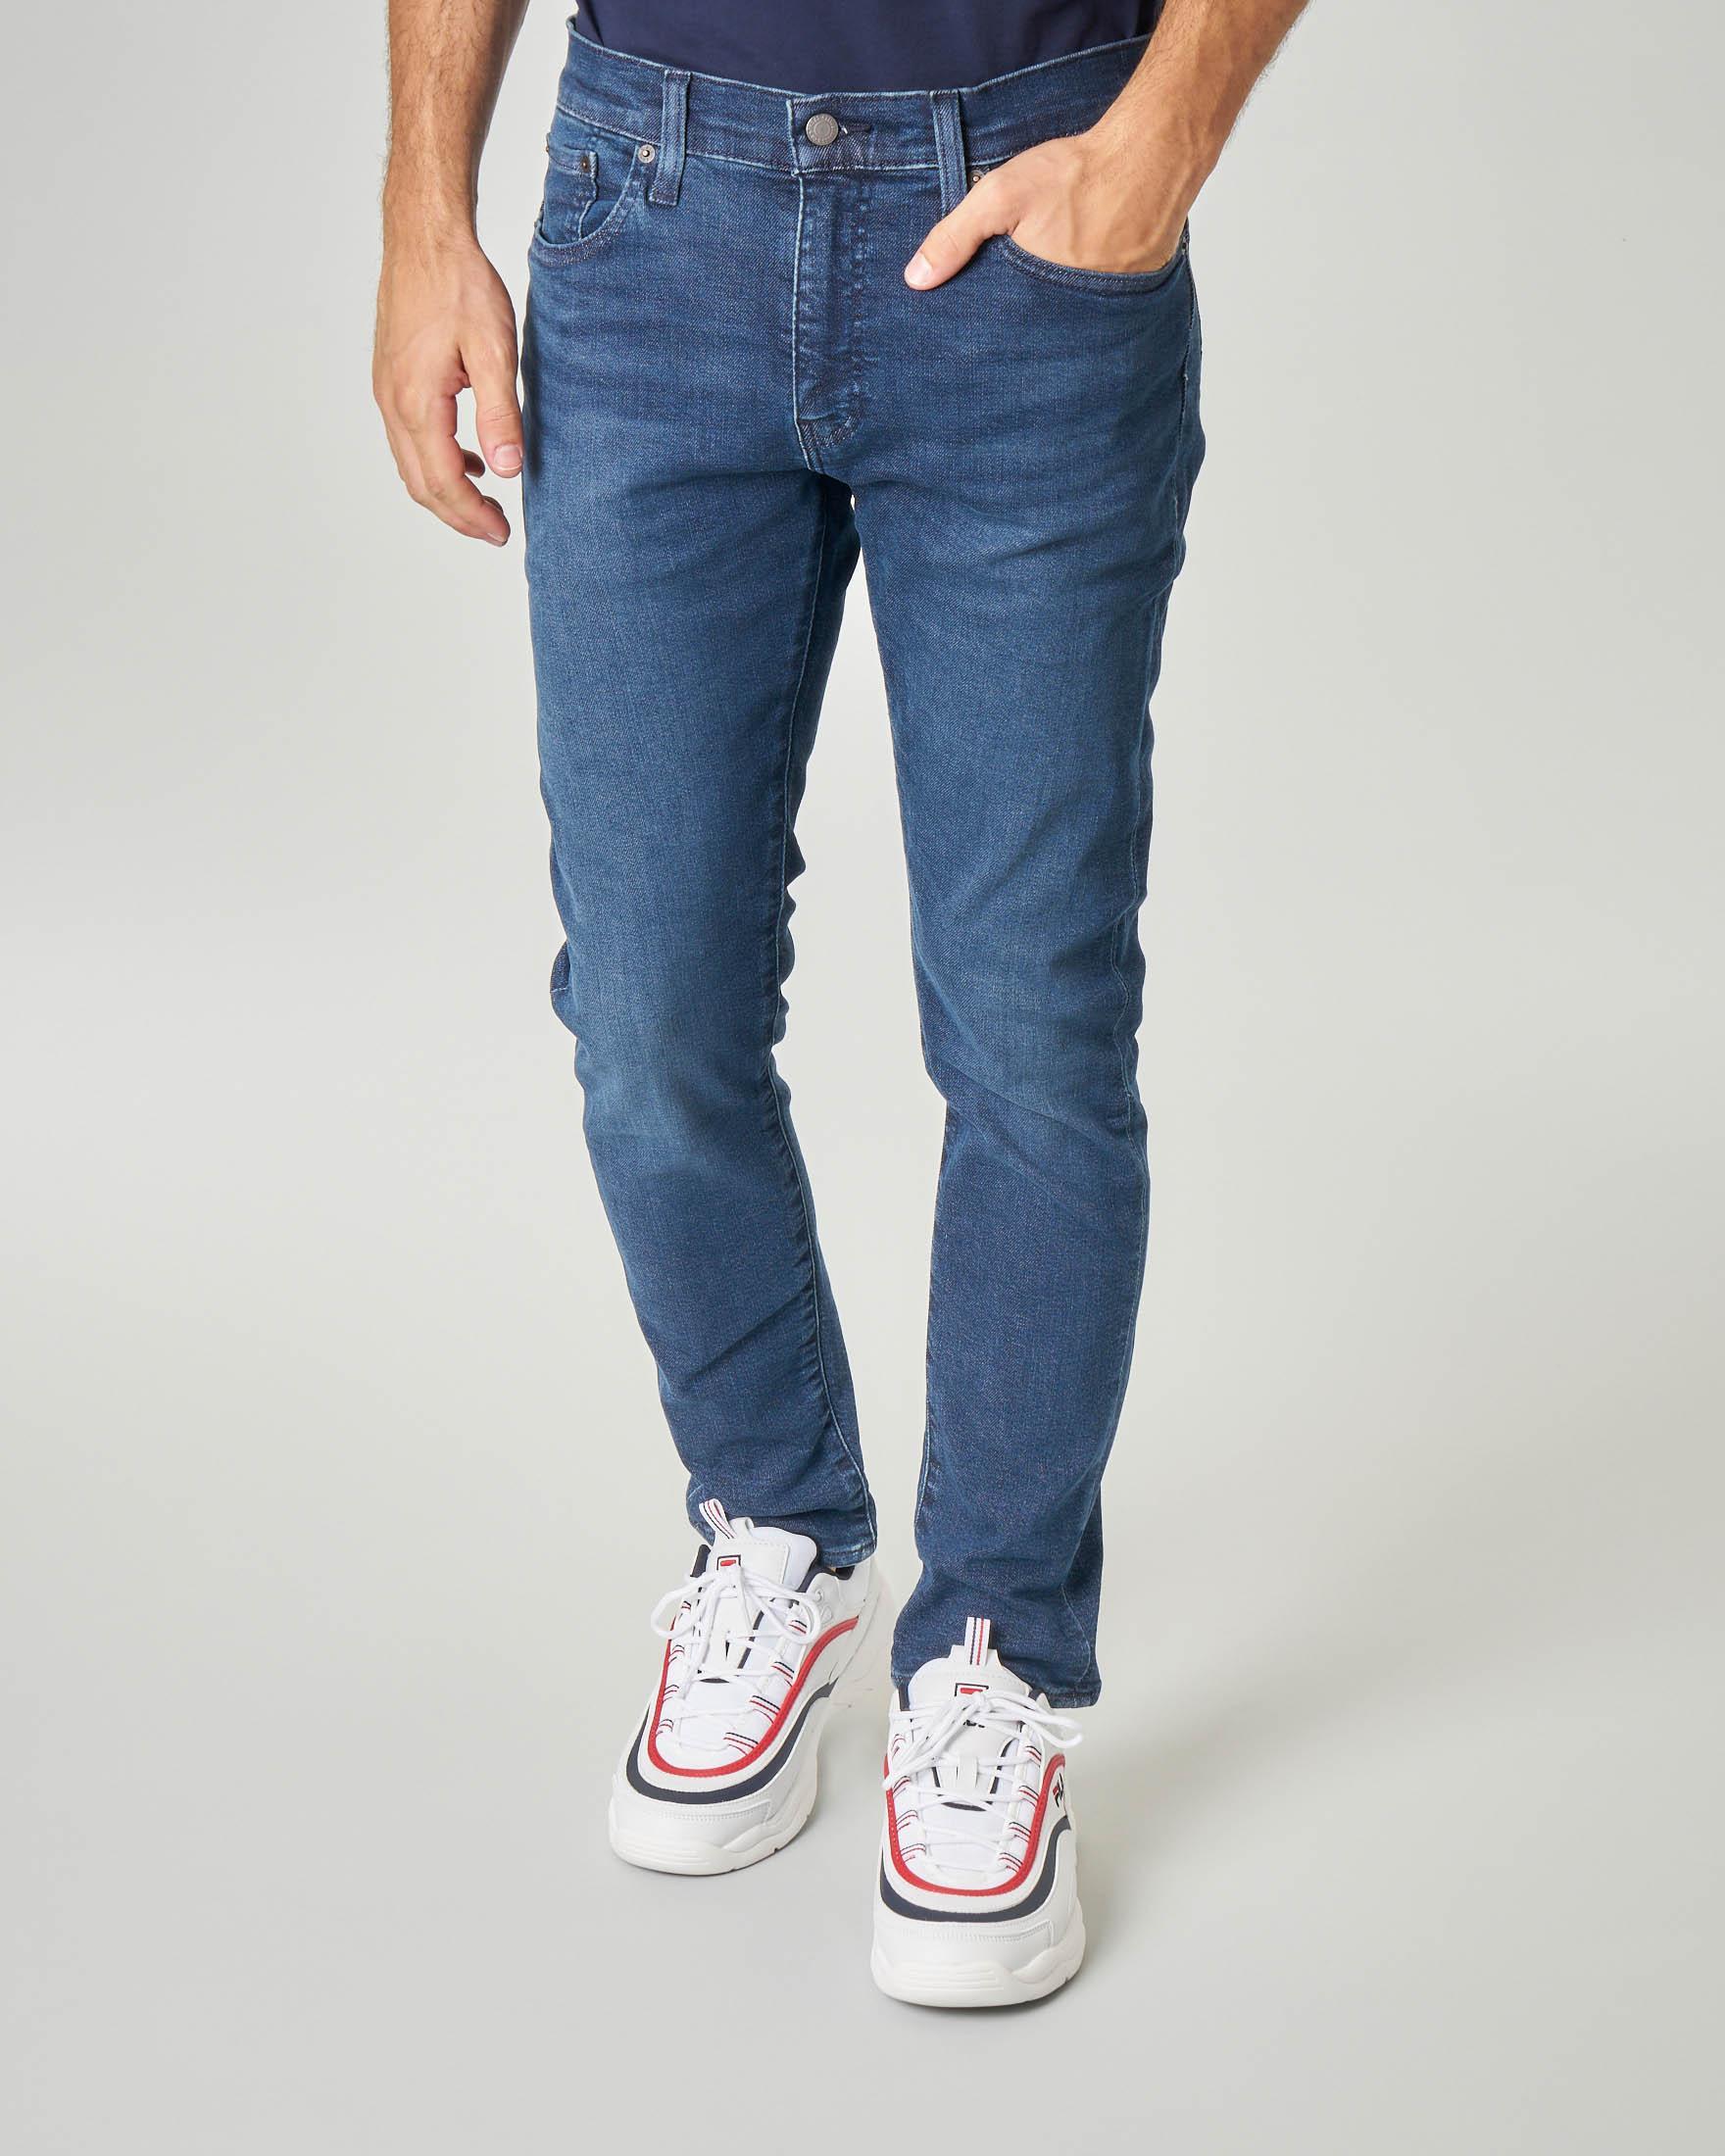 Jeans 512 lavaggio medio stone wash